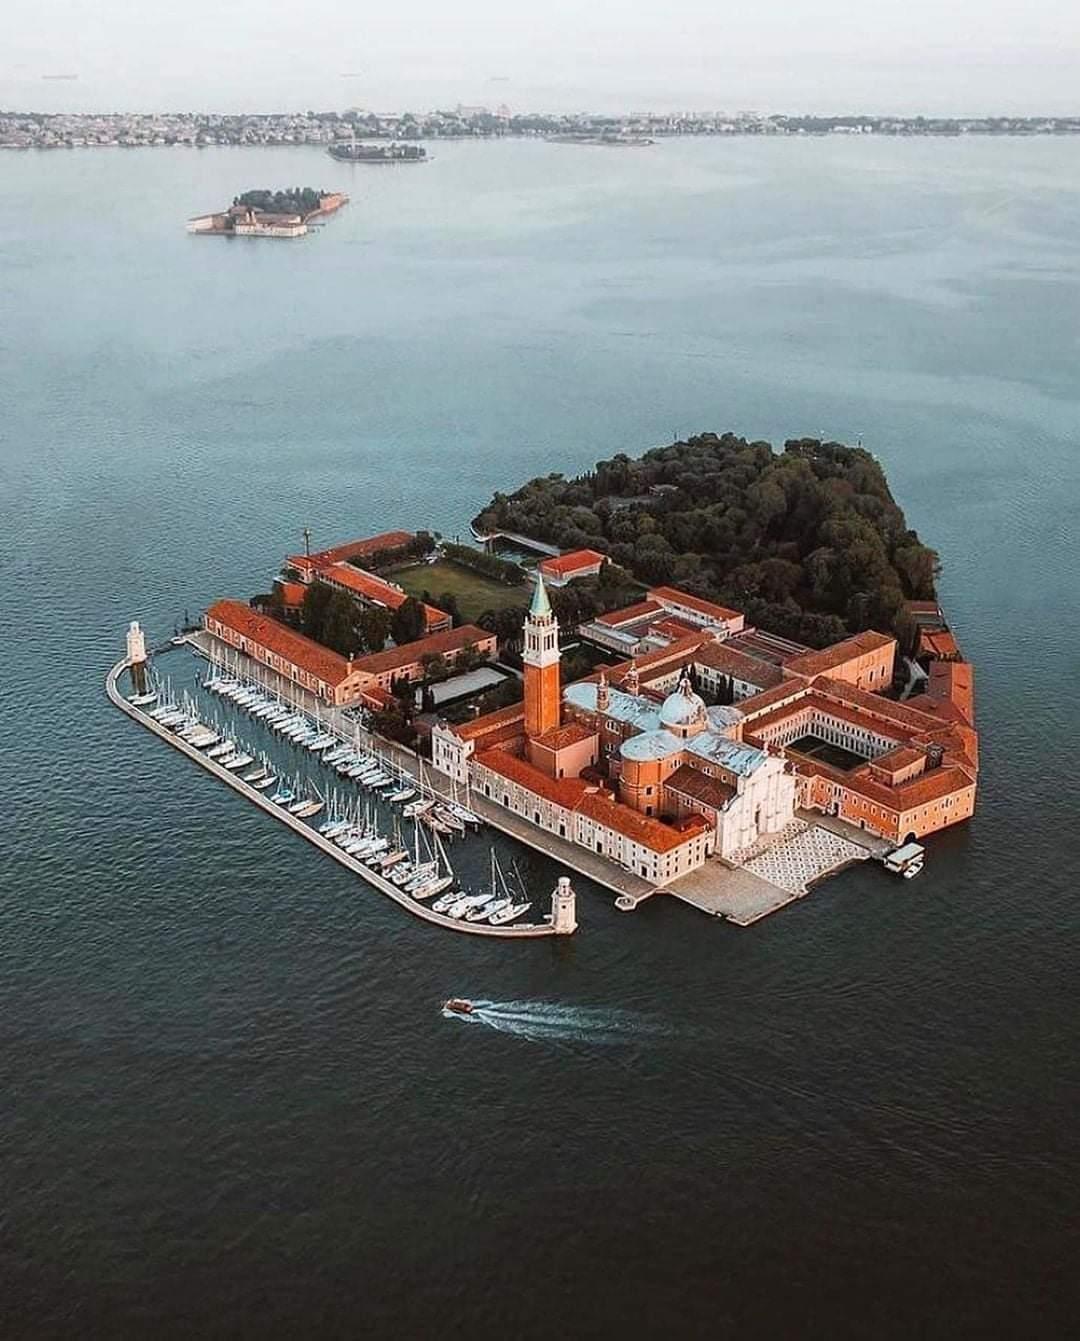 1Pic - Beautiful View Of Isola Di San Giorgio, Venezia, Italy